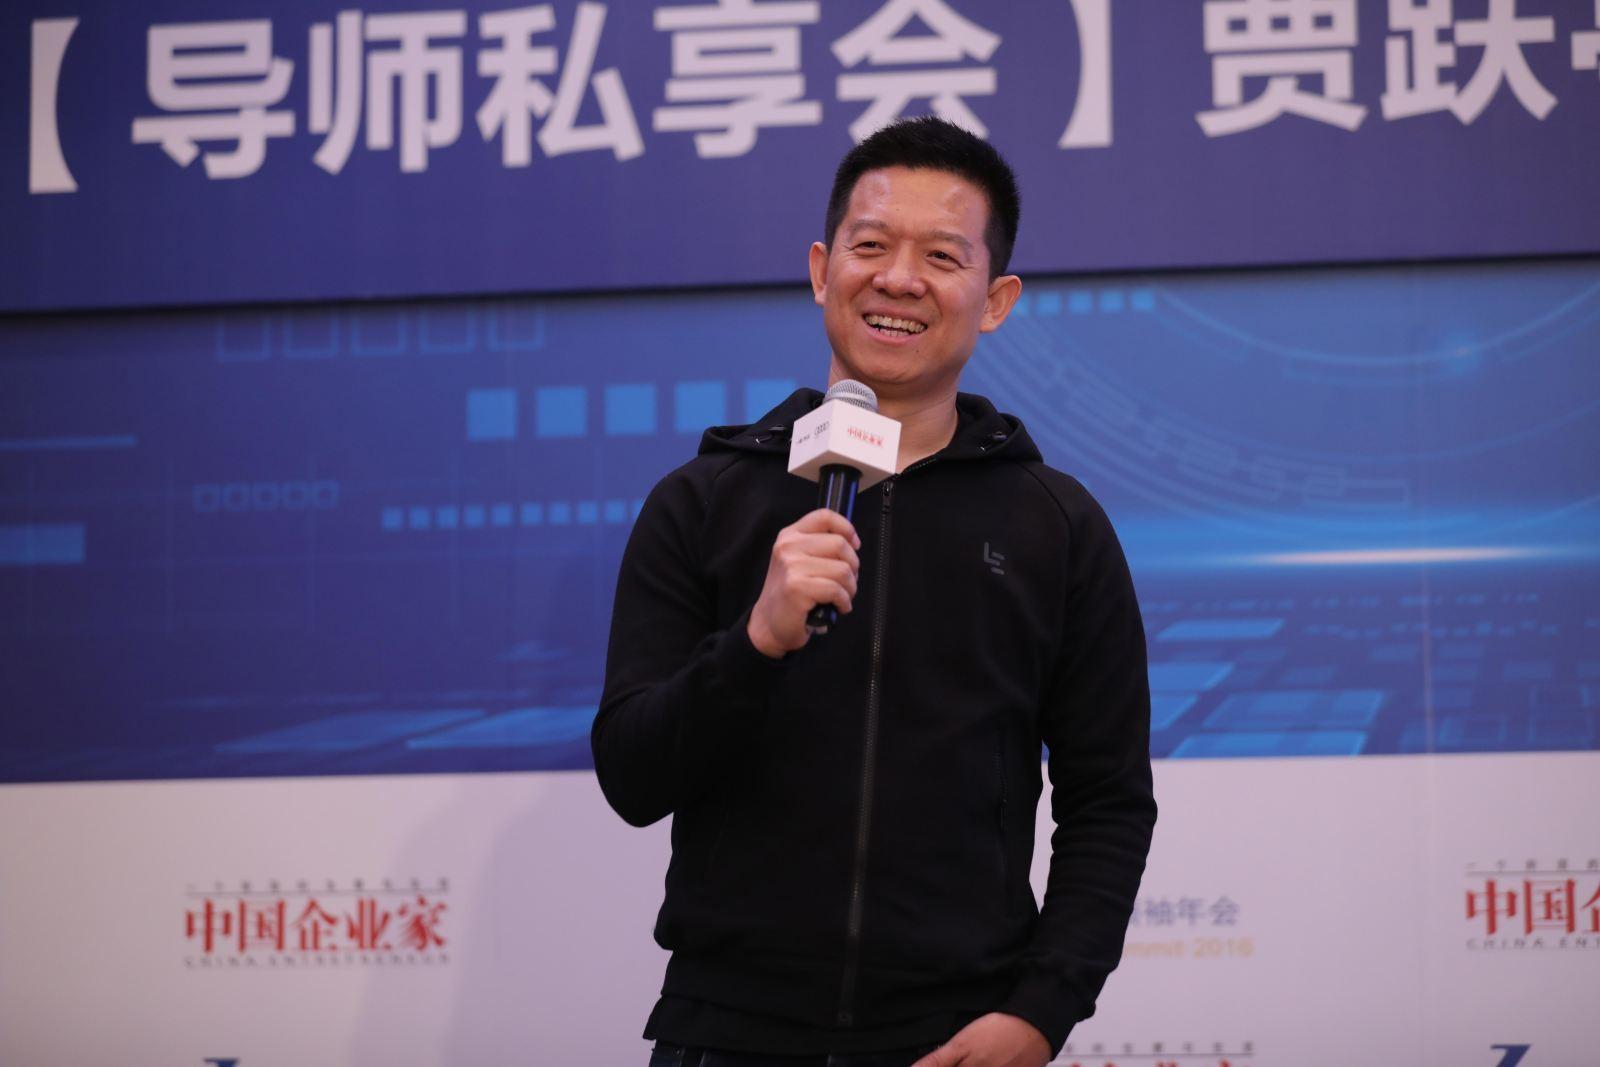 贾跃亭开腔回应:乐视致新即将融资 汽车业务反常识但仍要继续